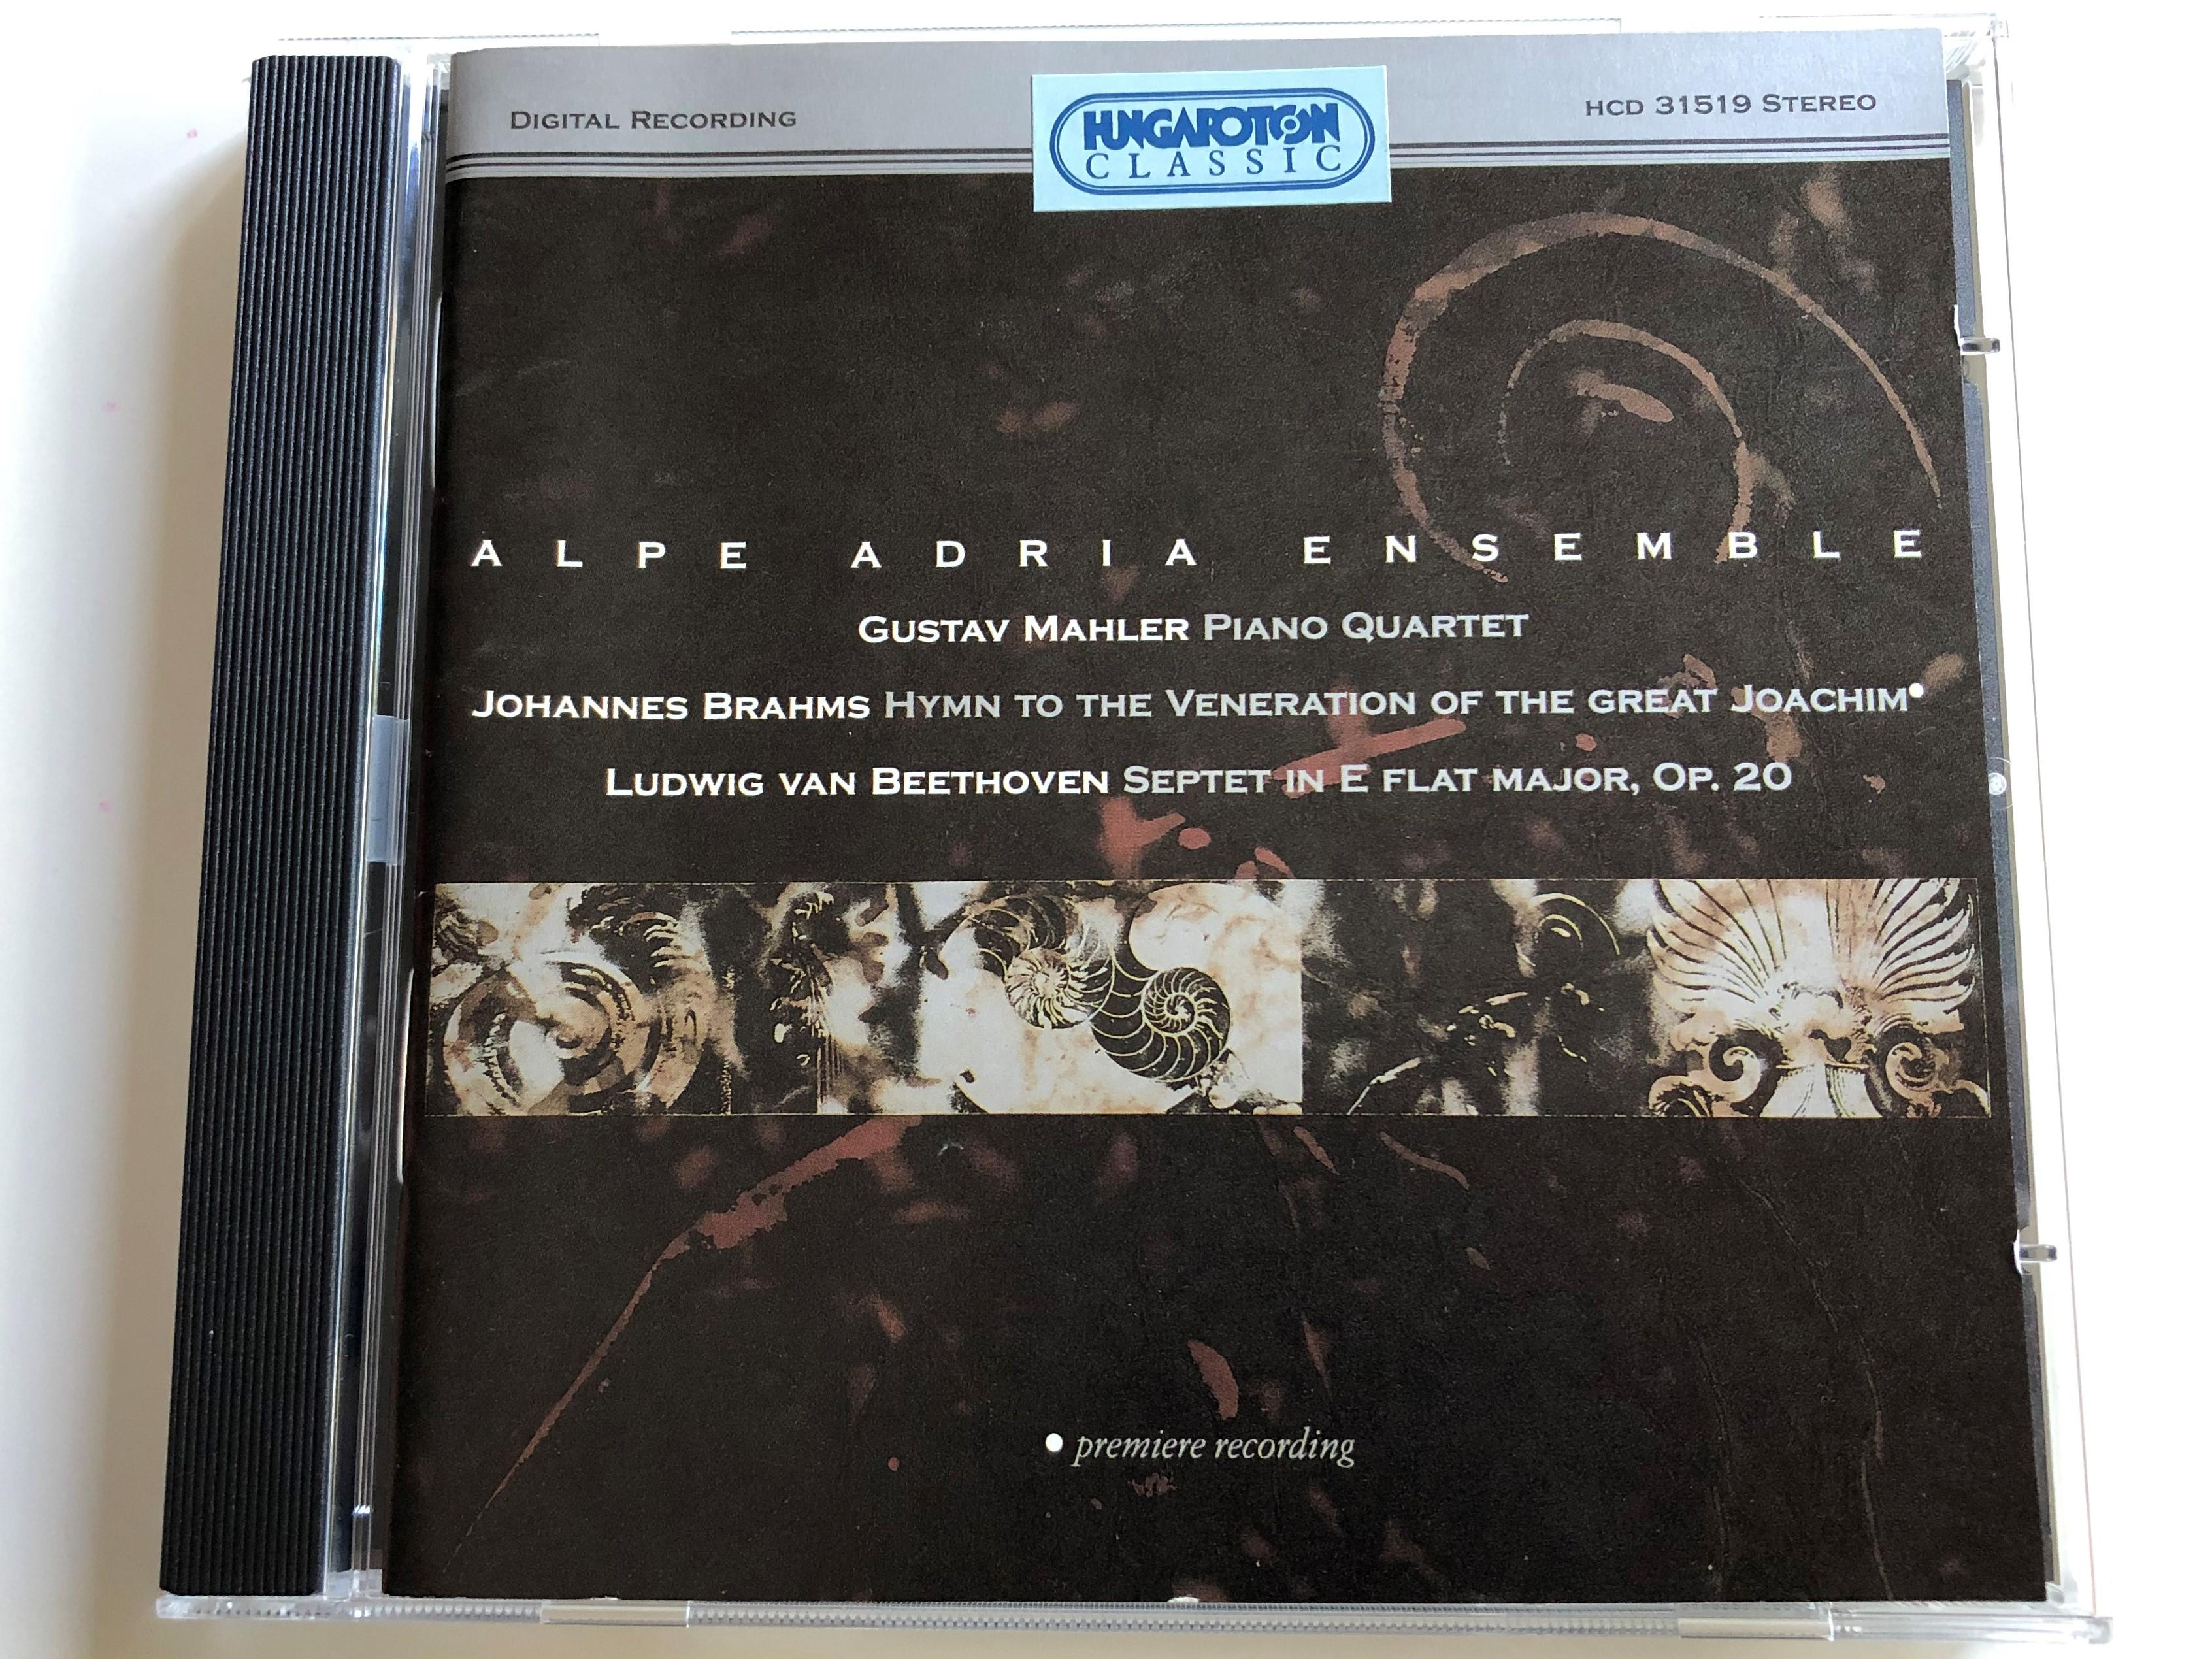 alpe-adria-ensemble-gustav-mahler-piano-quartet-johannes-brahms-hymne-for-the-veneration-of-the-great-joachim-ludwig-van-beethoven-septet-in-e-flat-major-op.-20-hungaroton-audio-cd-199-1-.jpg